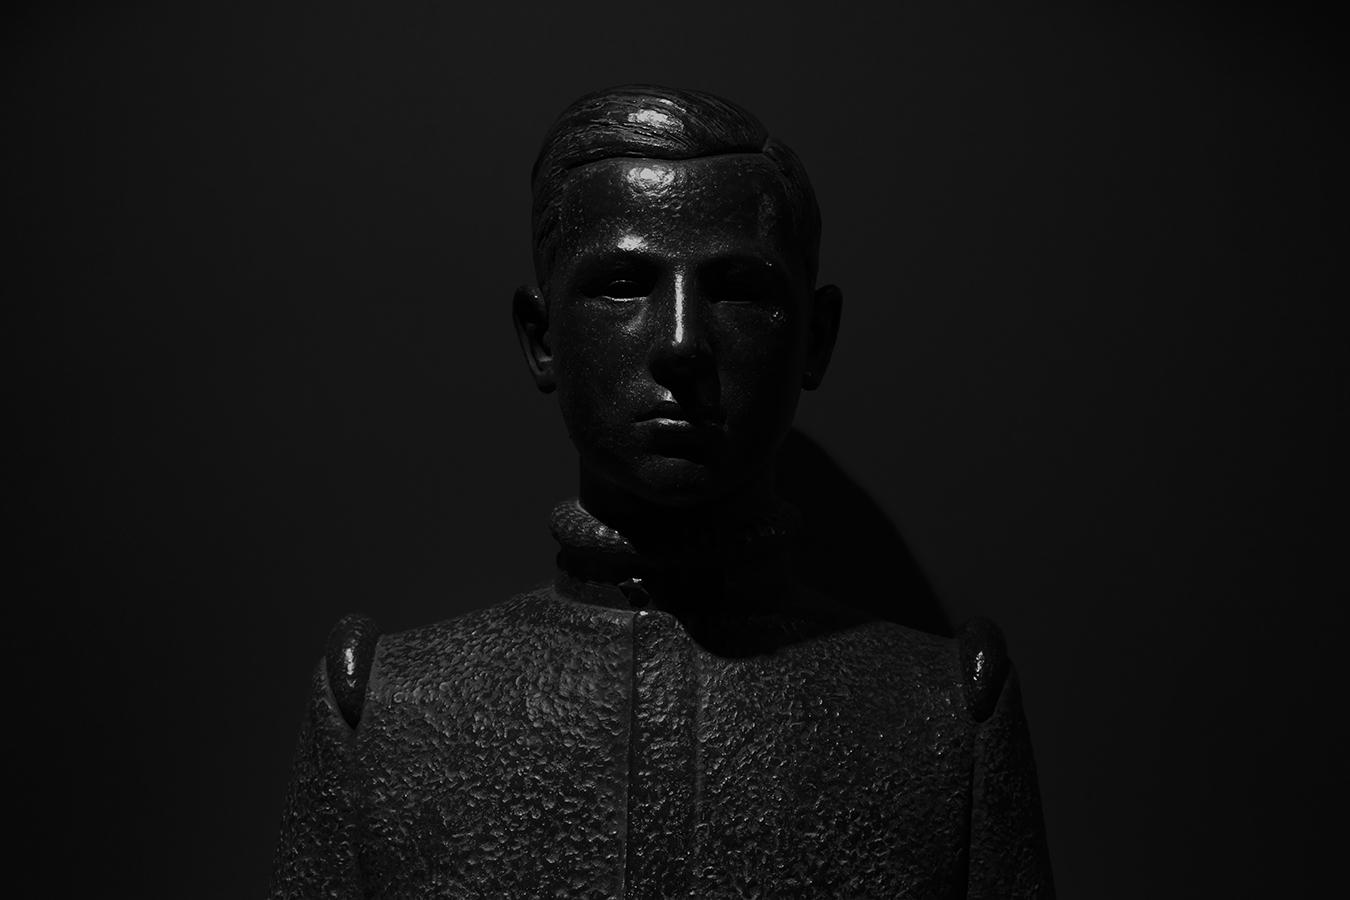 Portrait in Stone No. 6